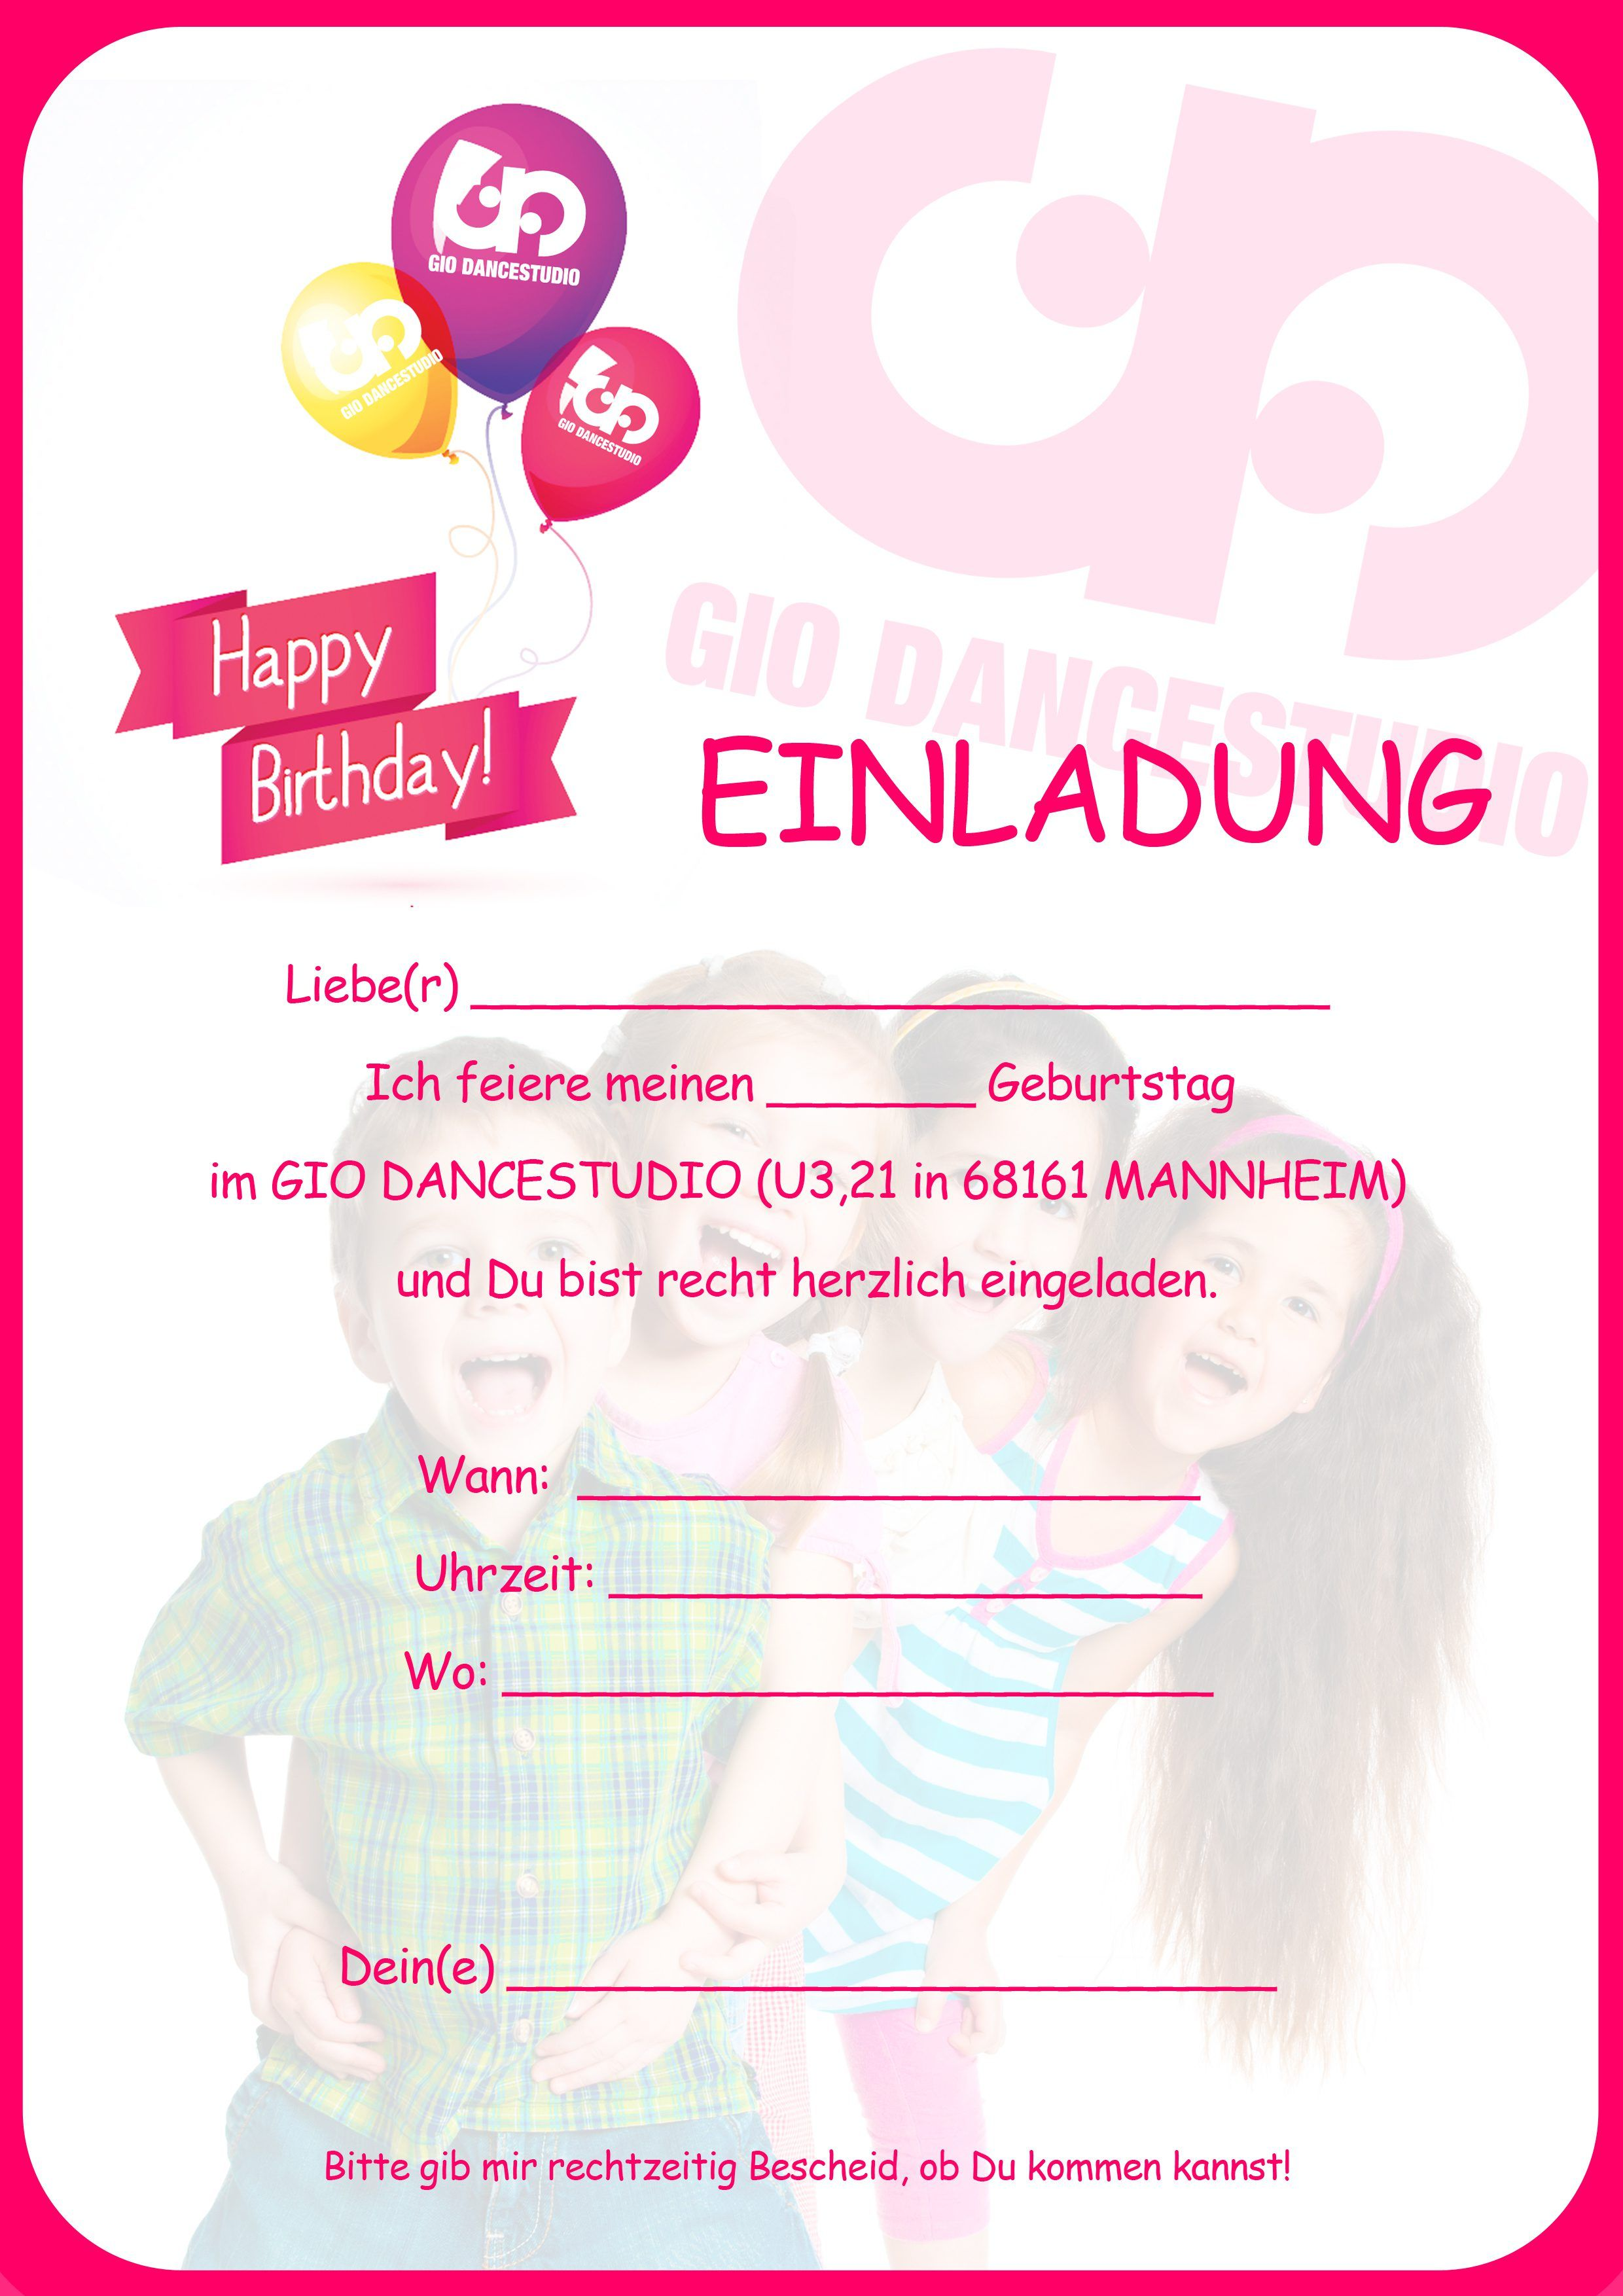 Einladungskarte Kindergeburtstag : Einladungskarte Kindergeburtstag ...